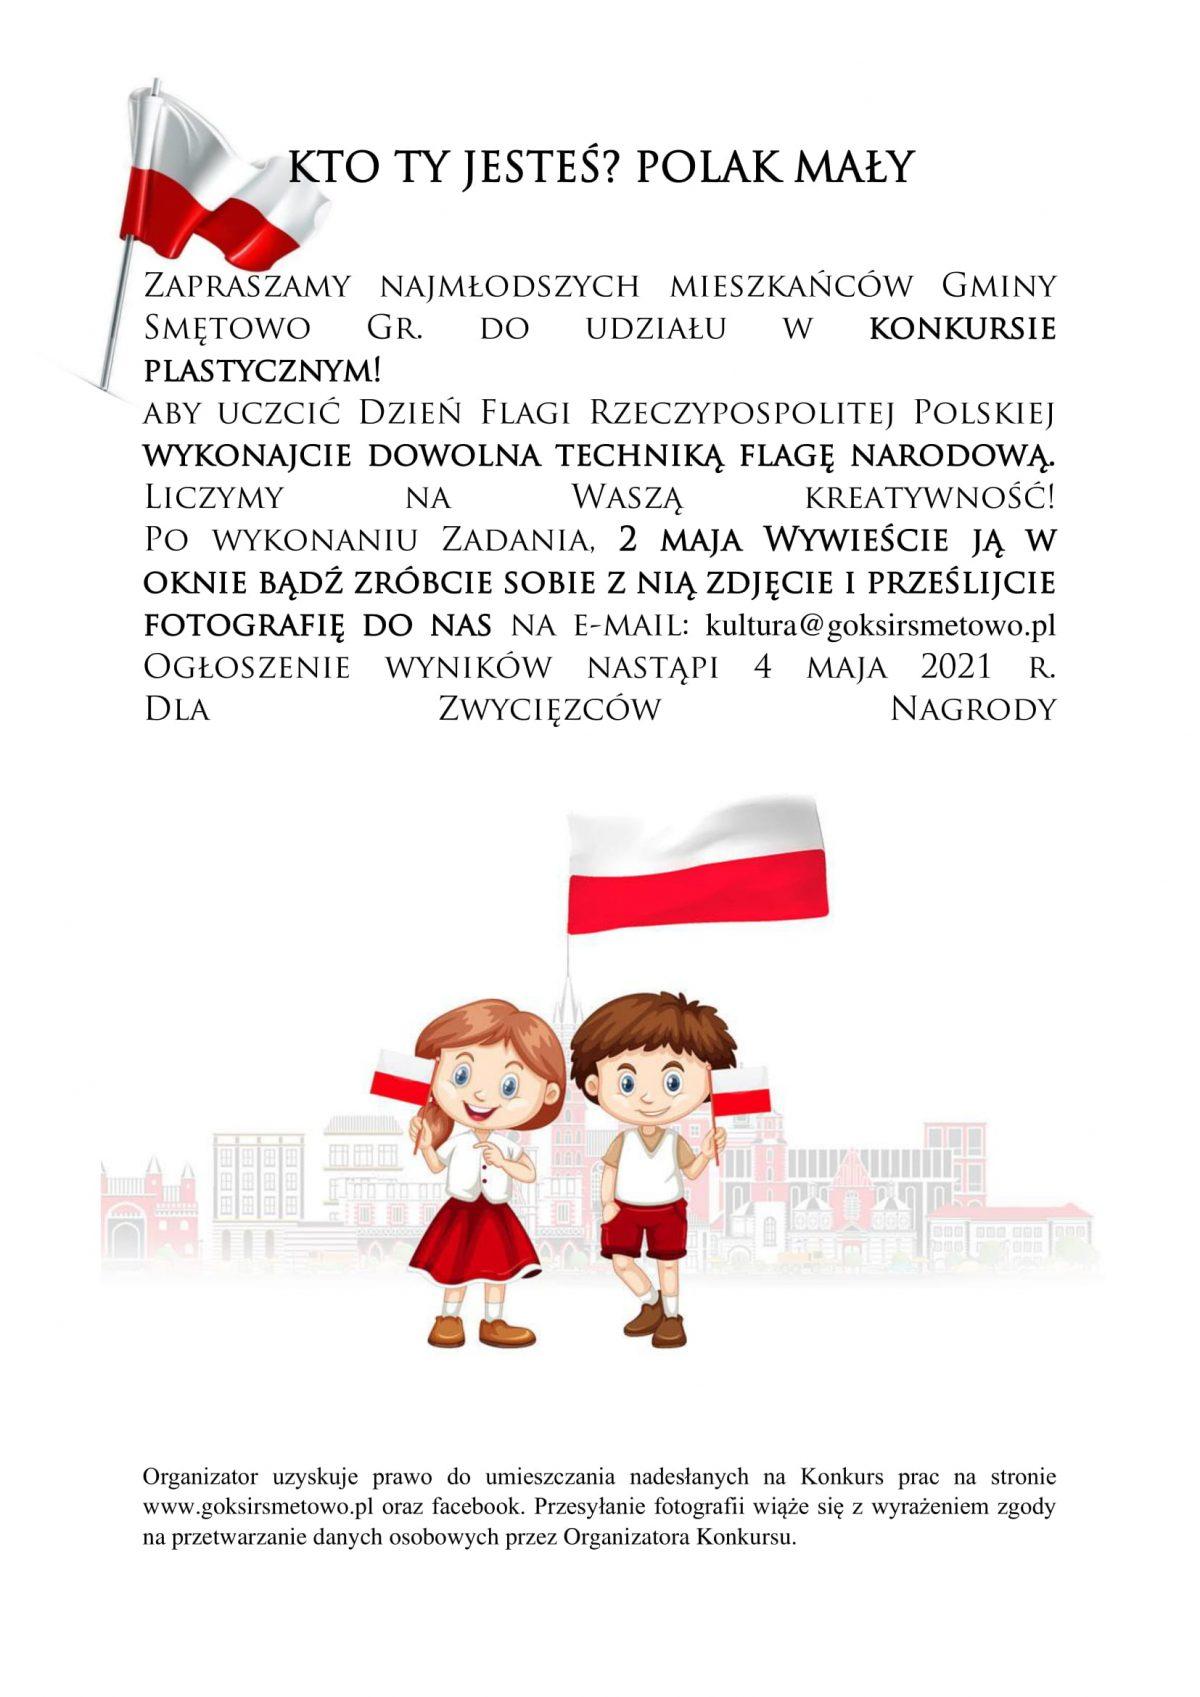 Zapraszamy najmłodszych mieszkańców Gminy Smętowo Gr. do udziału w konkursie plastycznym! aby uczcić Dzień Flagi Rzeczypospolitej Polskiej wykonajcie dowolna techniką flagę narodową. Liczymy na Waszą kreatywność! Po wykonaniu Zadania, 2 maja Wywieście ją w oknie bądź zróbcie sobie z nią zdjęcie i prześlijcie fotografię do nas na e-mail: kultura@goksirsmetowo.pl Ogłoszenie wyników nastąpi 4 maja 2021 r. Dla Zwycięzców Nagrody.